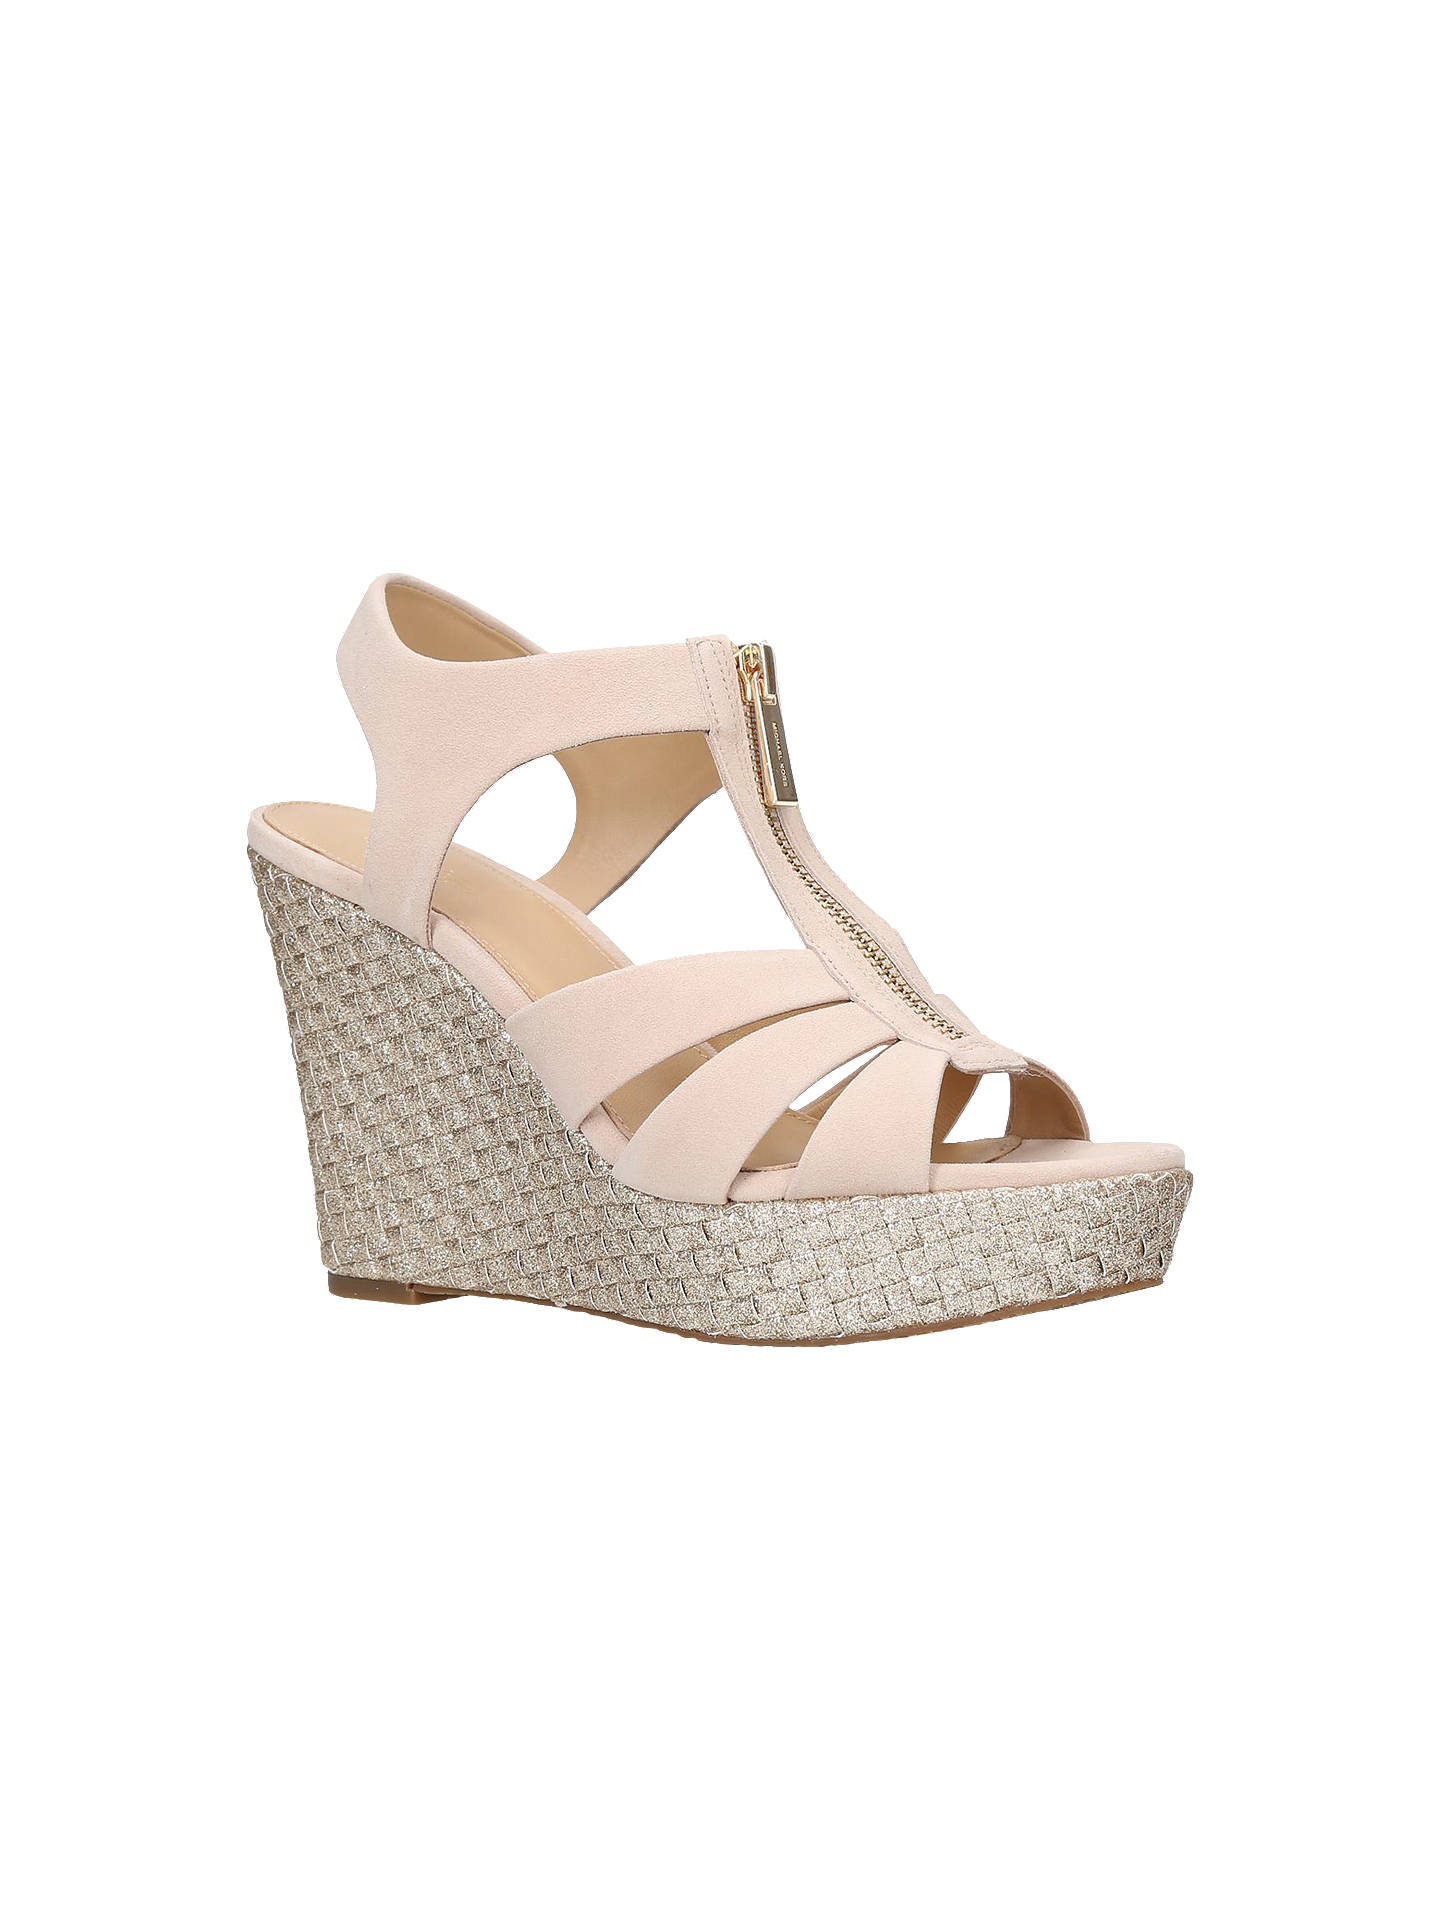 3332a0ac7d5b Buy MICHAEL Michael Kors Berkley Zip Front Wedge Heel Sandals